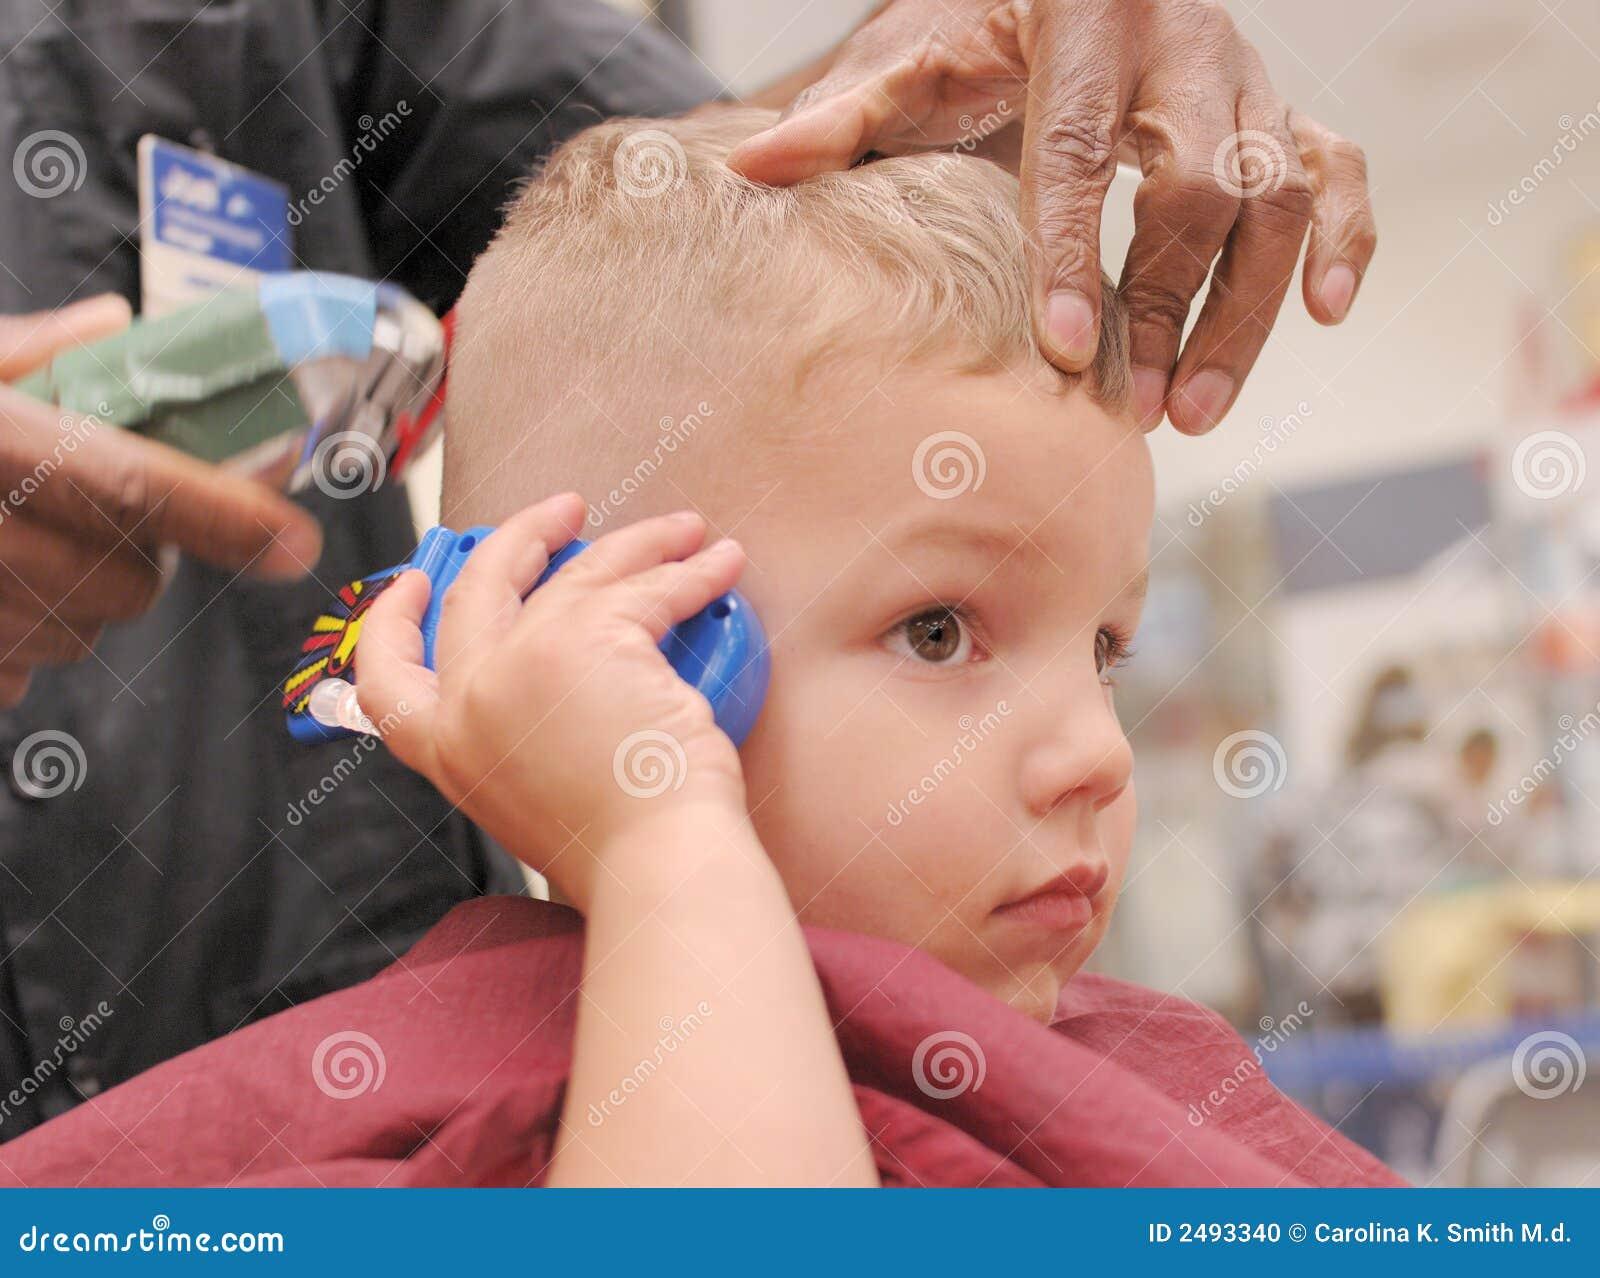 Kleinkind Junge Der Haarschnitt Erhalt Stockfoto Bild Von